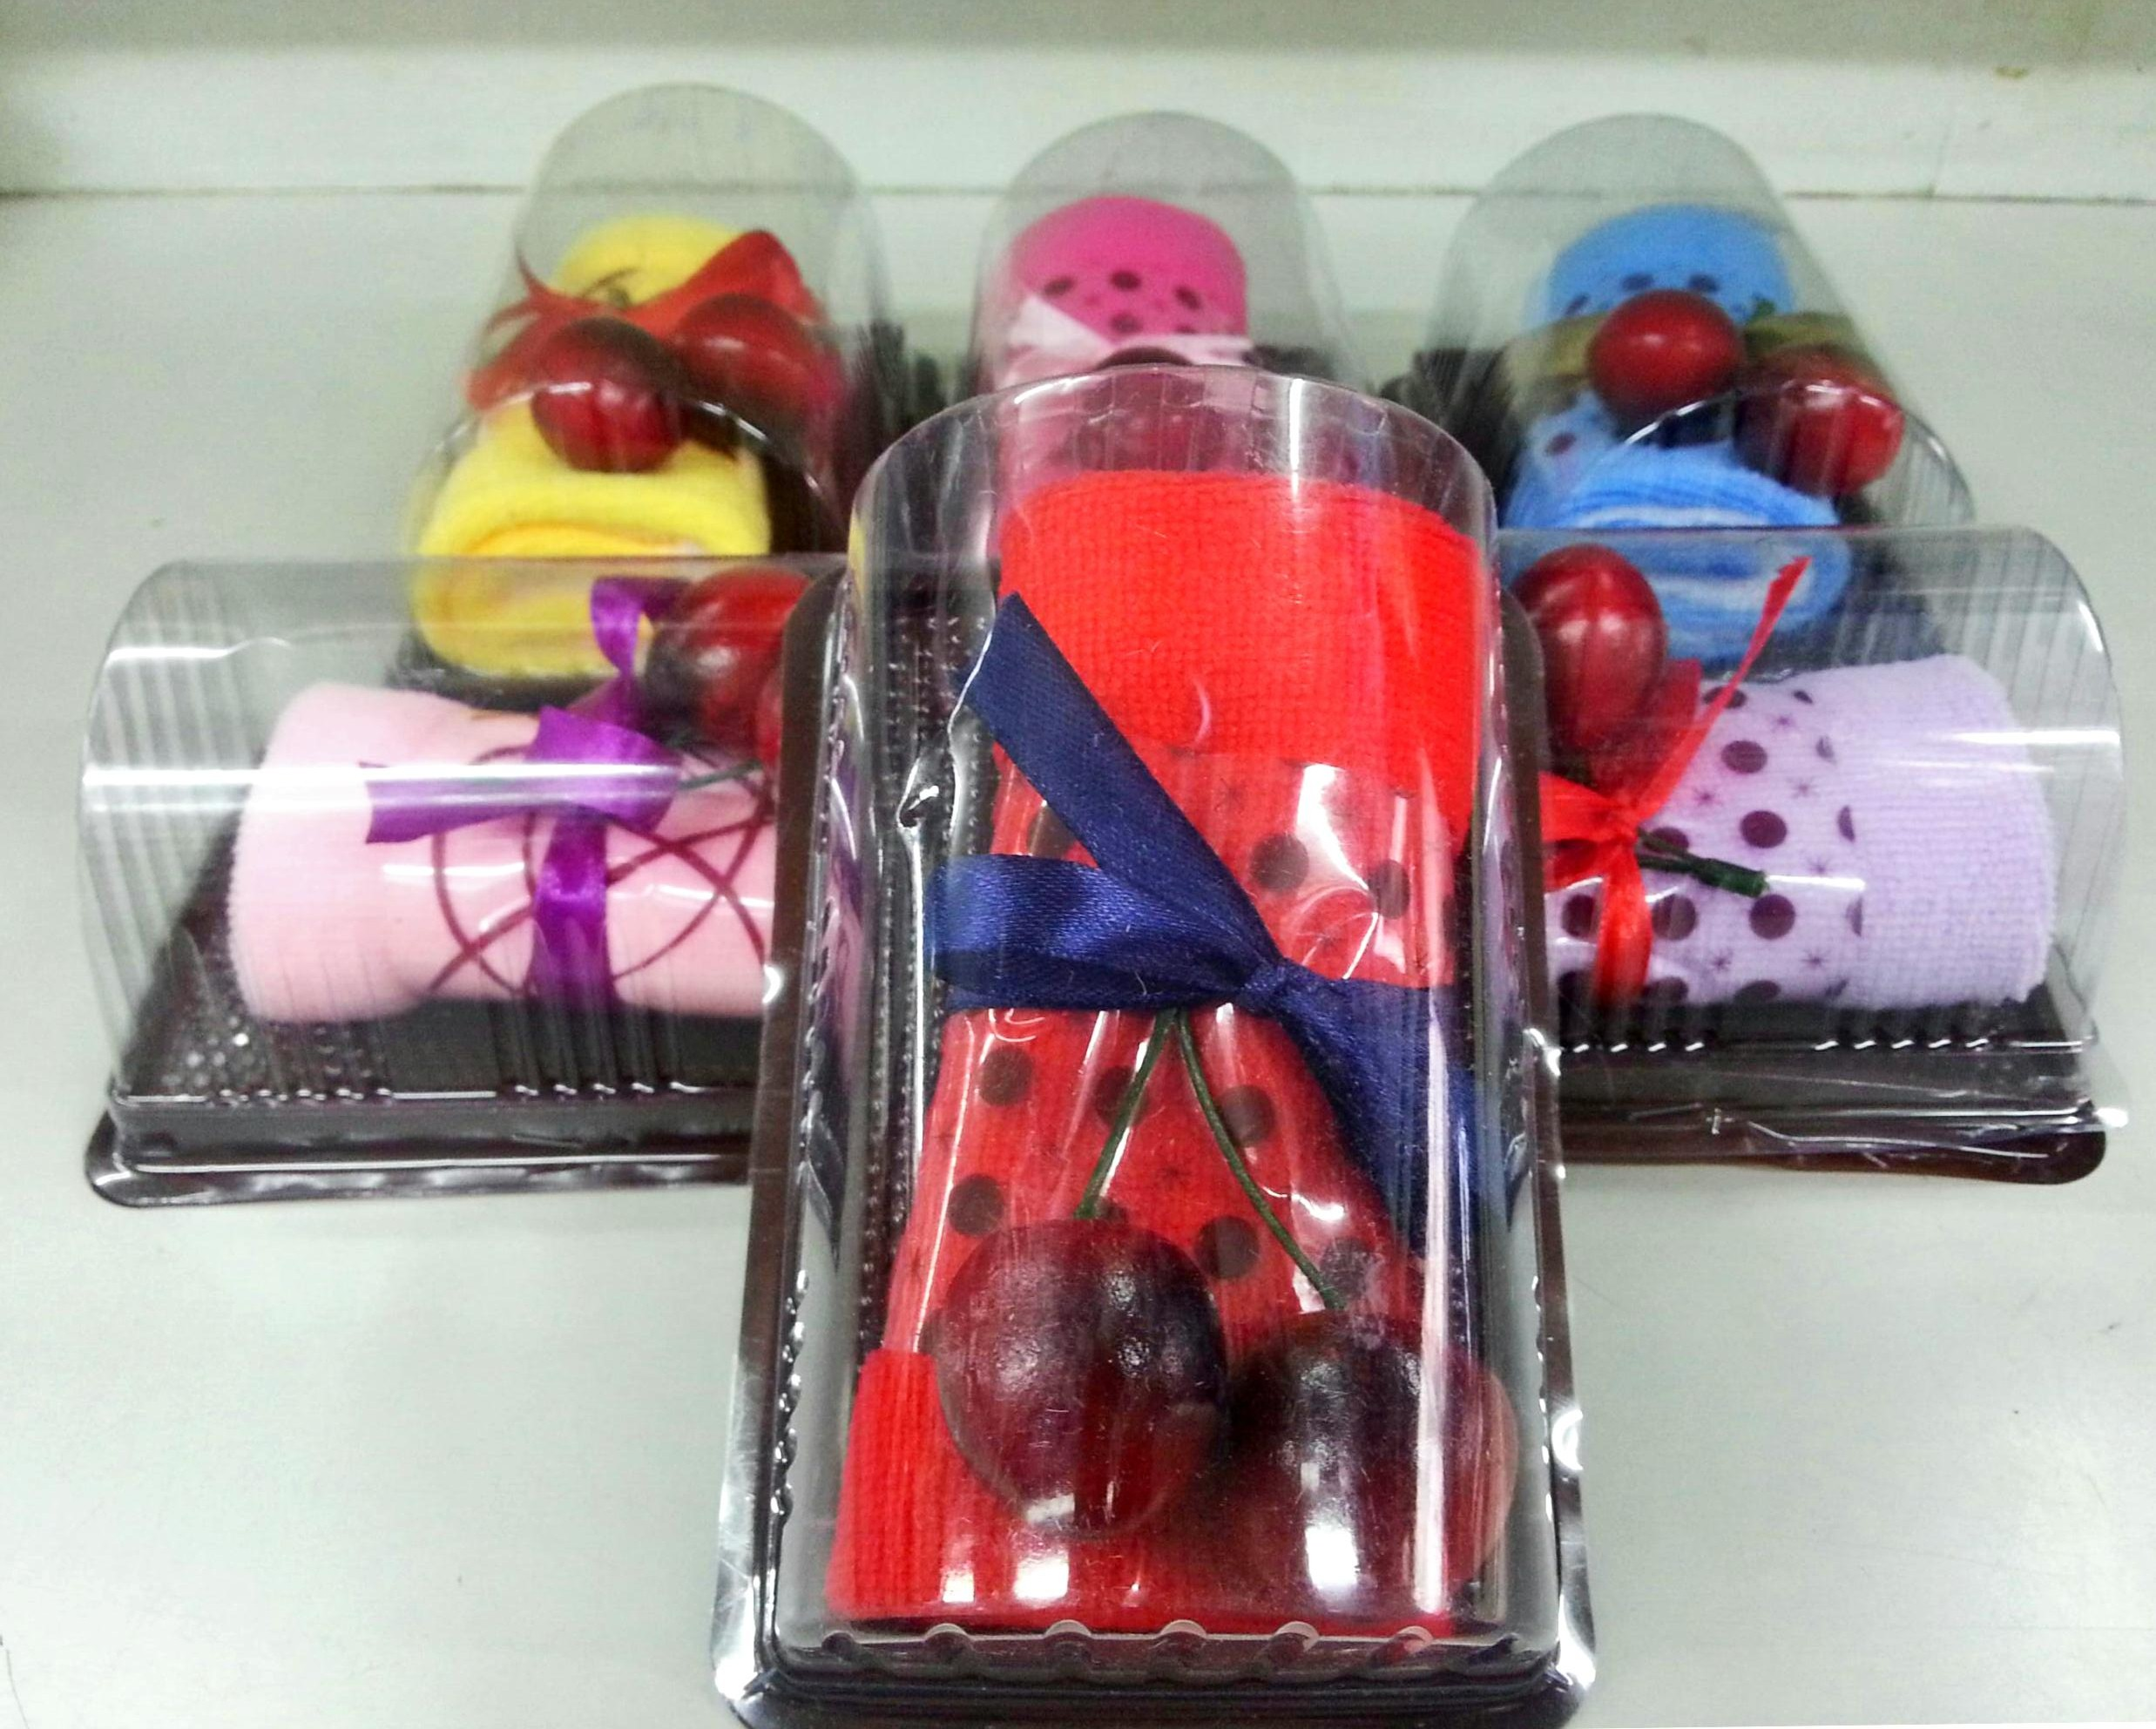 แยมโรลผ้าขนหนู เซอร์ไพร์สวันพิเศษ (วันเกิด,วันวาเลนไทน์,วันแห่งความรัก) สีแดง